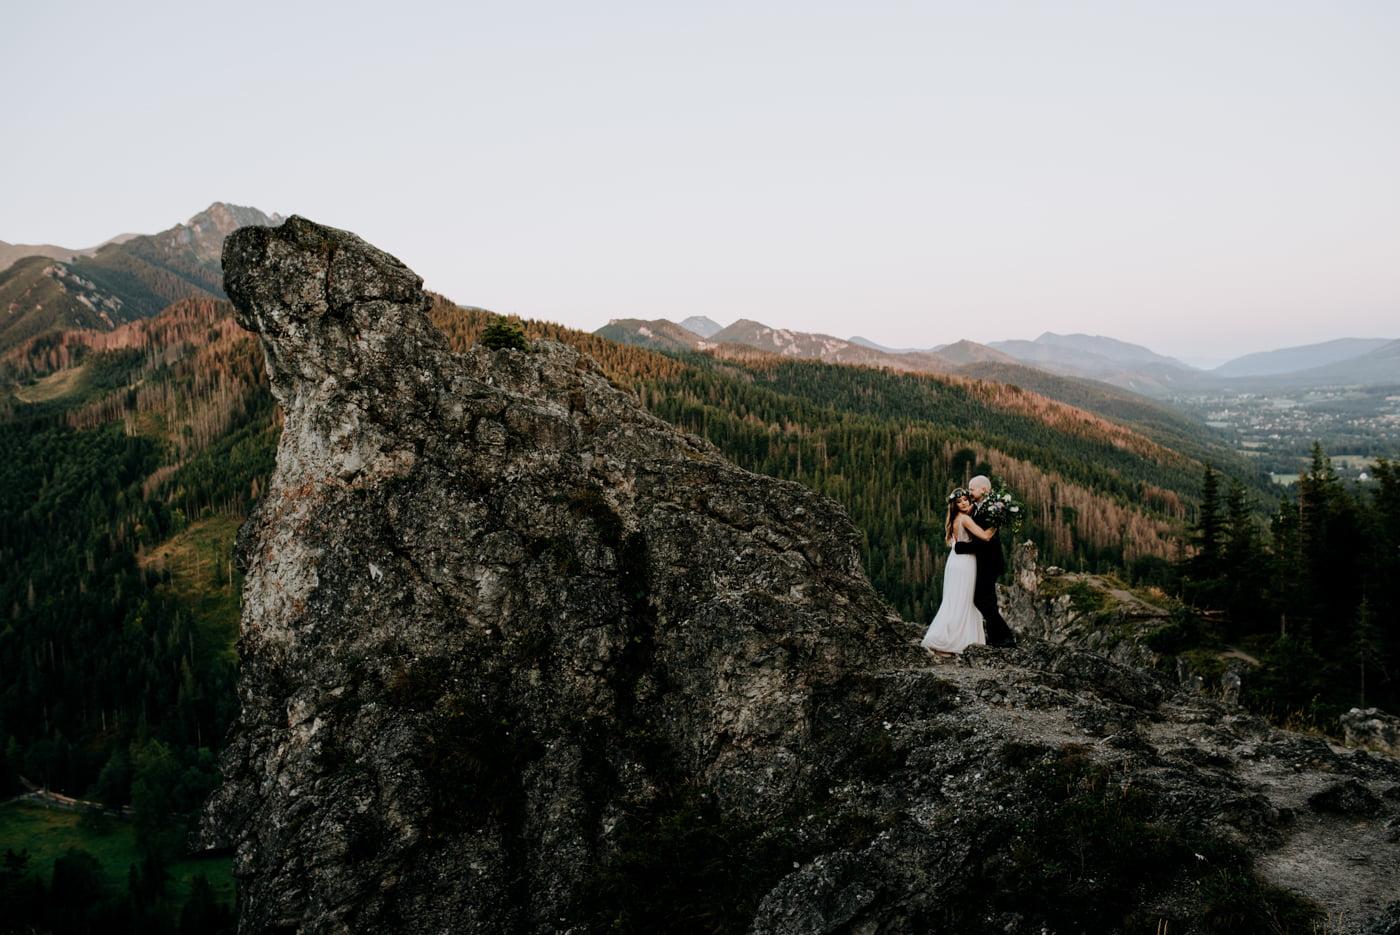 Sesja w górach – Kasia i Łukasz 4